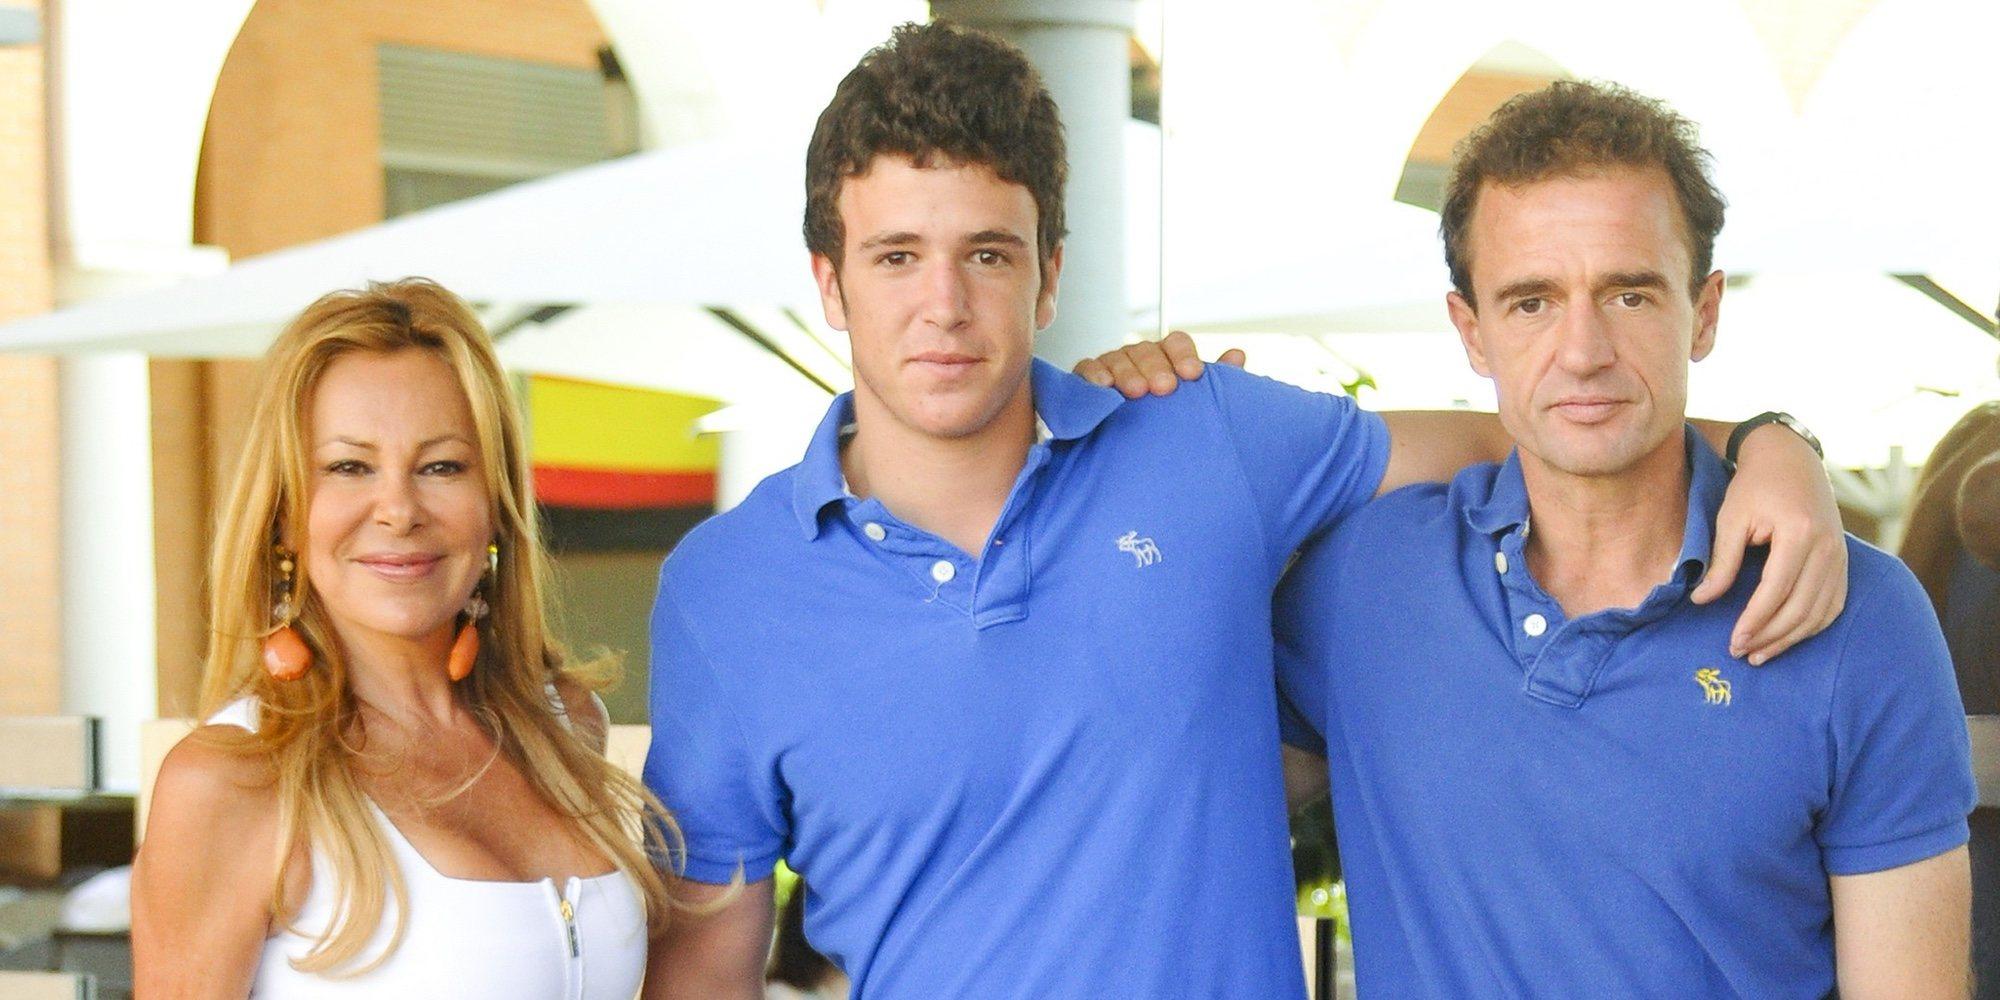 Ana Obregón y Alessandro Lequio viajan juntos hasta Nueva York preocupados por la salud de su hijo Álex Lequio